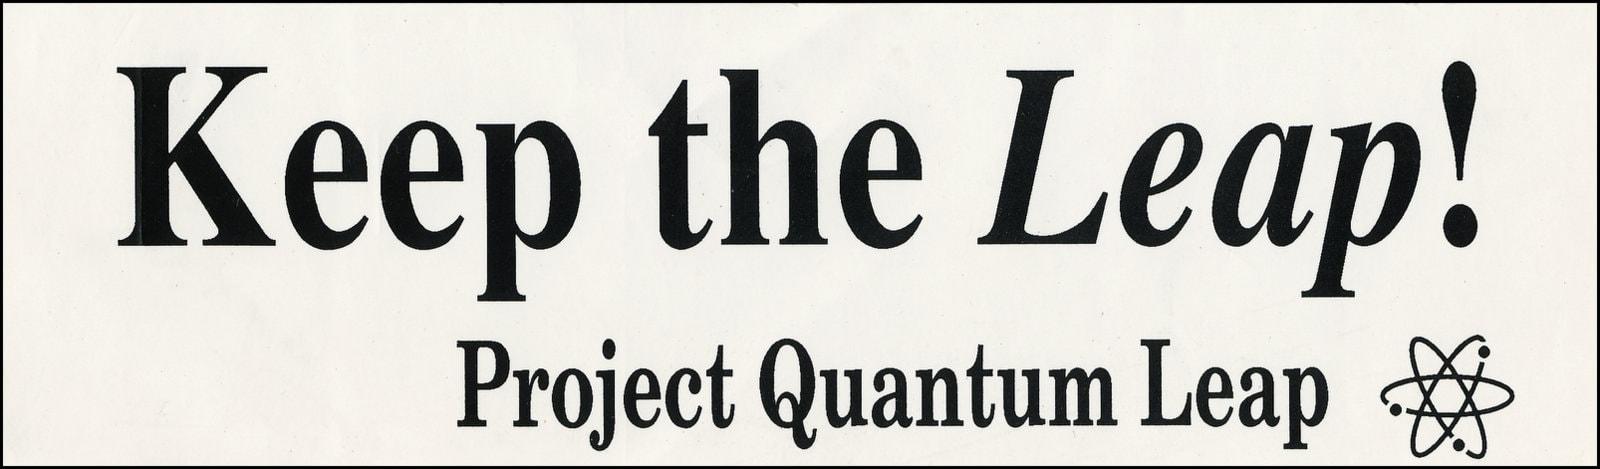 Vintage 1990s Keep the Leap - Quantum Leap TV show bumper sticker